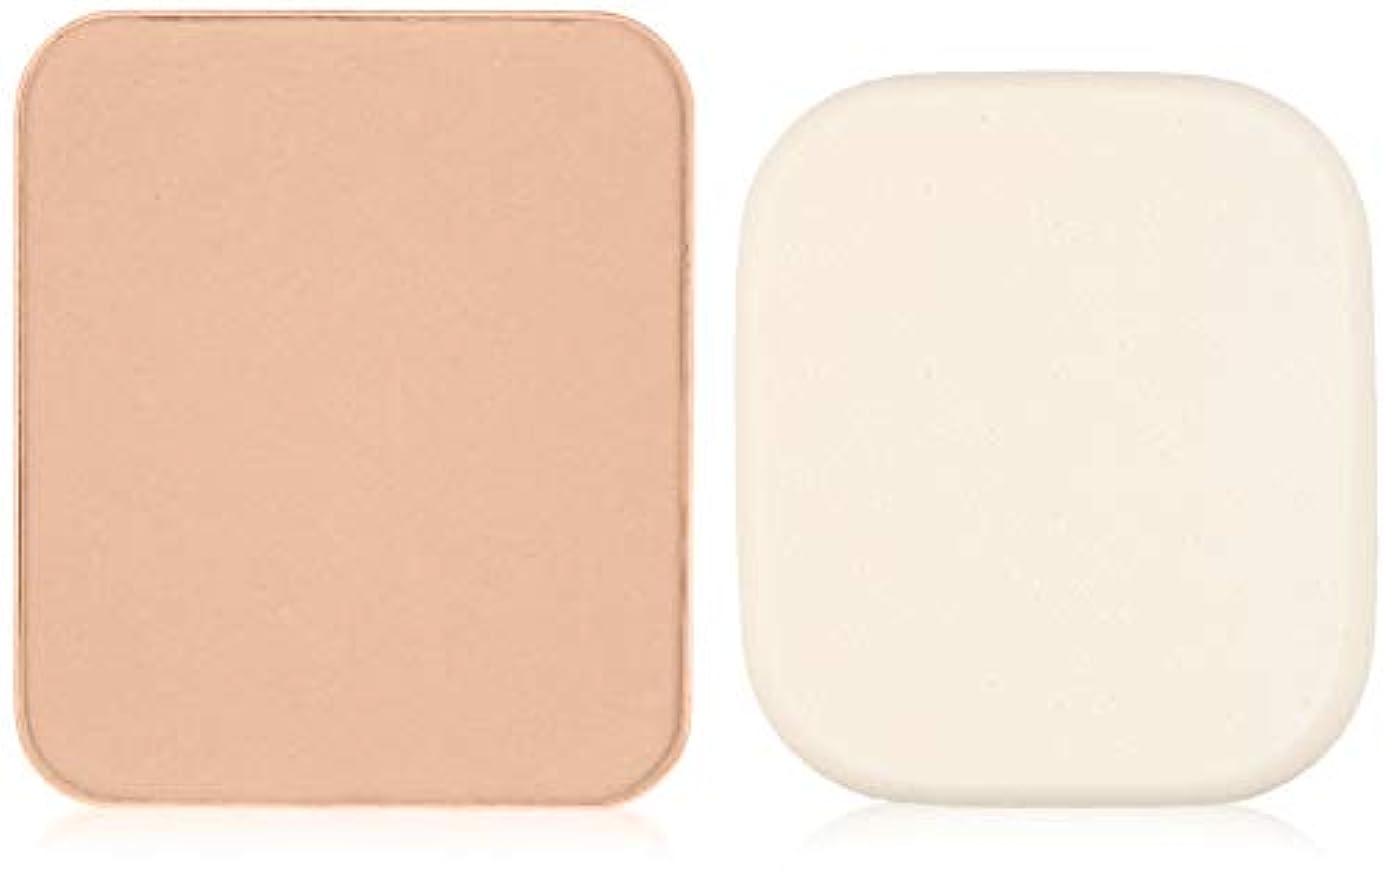 トラブル違法マウントto/one(トーン) デューイ モイスト パウダリーファンデーション 全6色 103 健康的な肌色の方向けのピンクオークル 103 H 11g